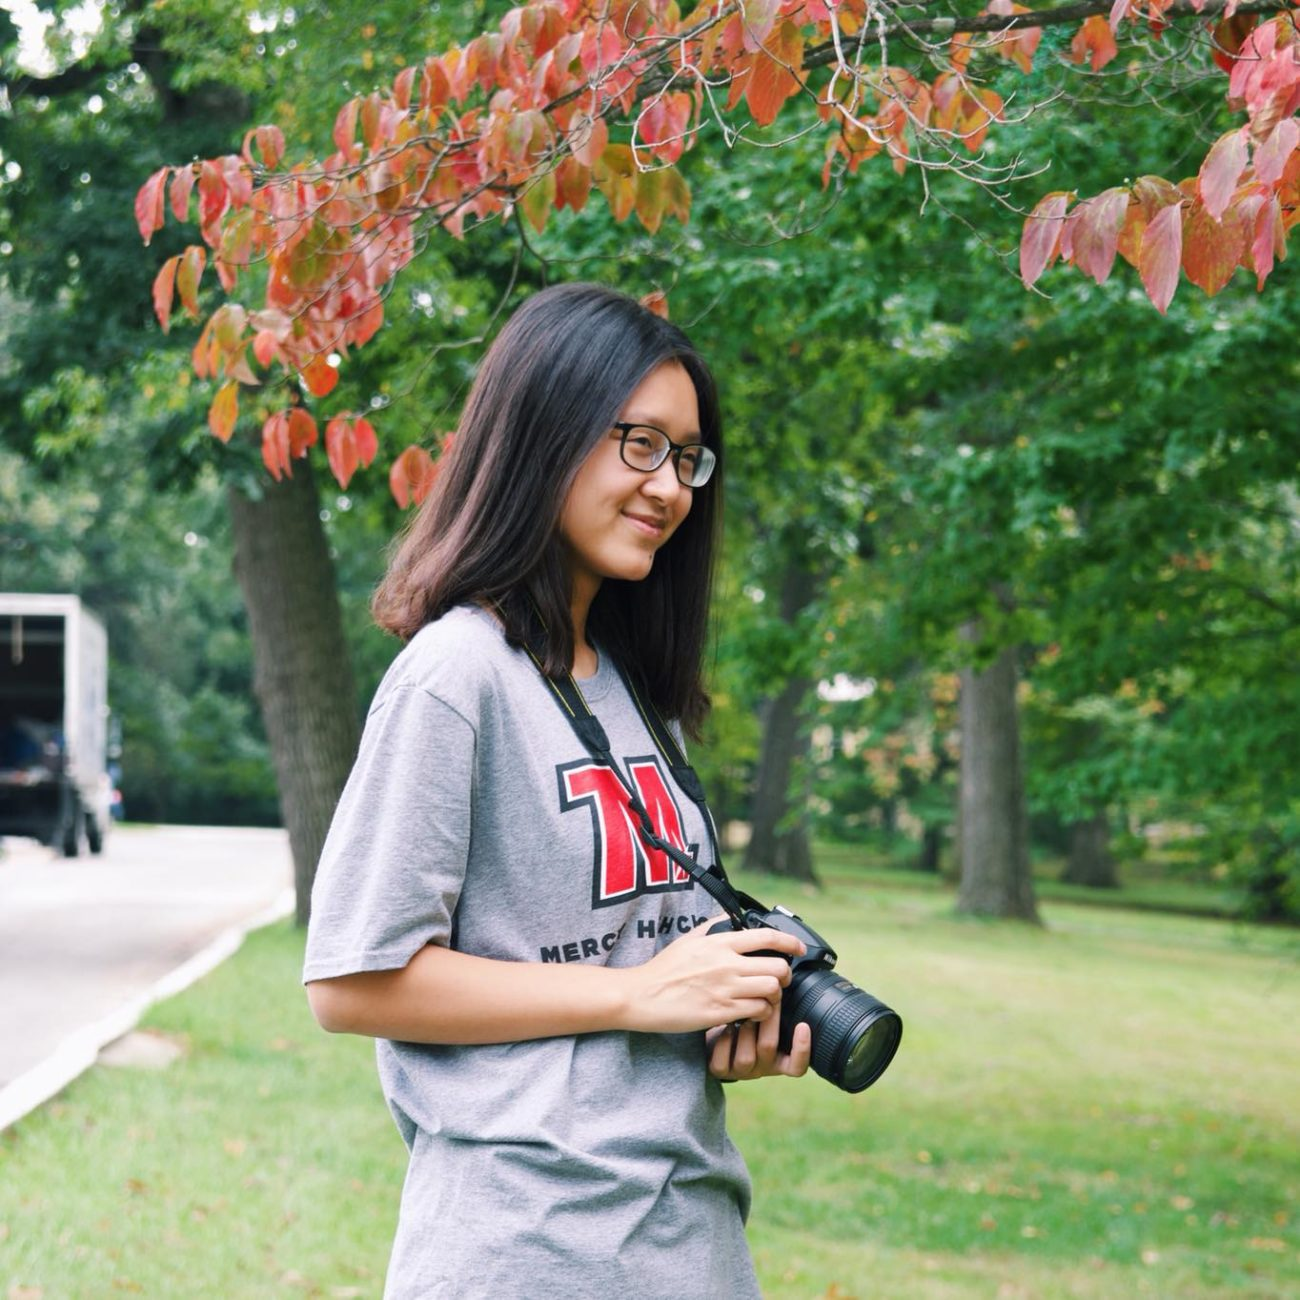 Đỗ Hương Giang: Du học sinh Việt xuất sắc được nhận vào 4 trường ĐH TOP tại Mỹ